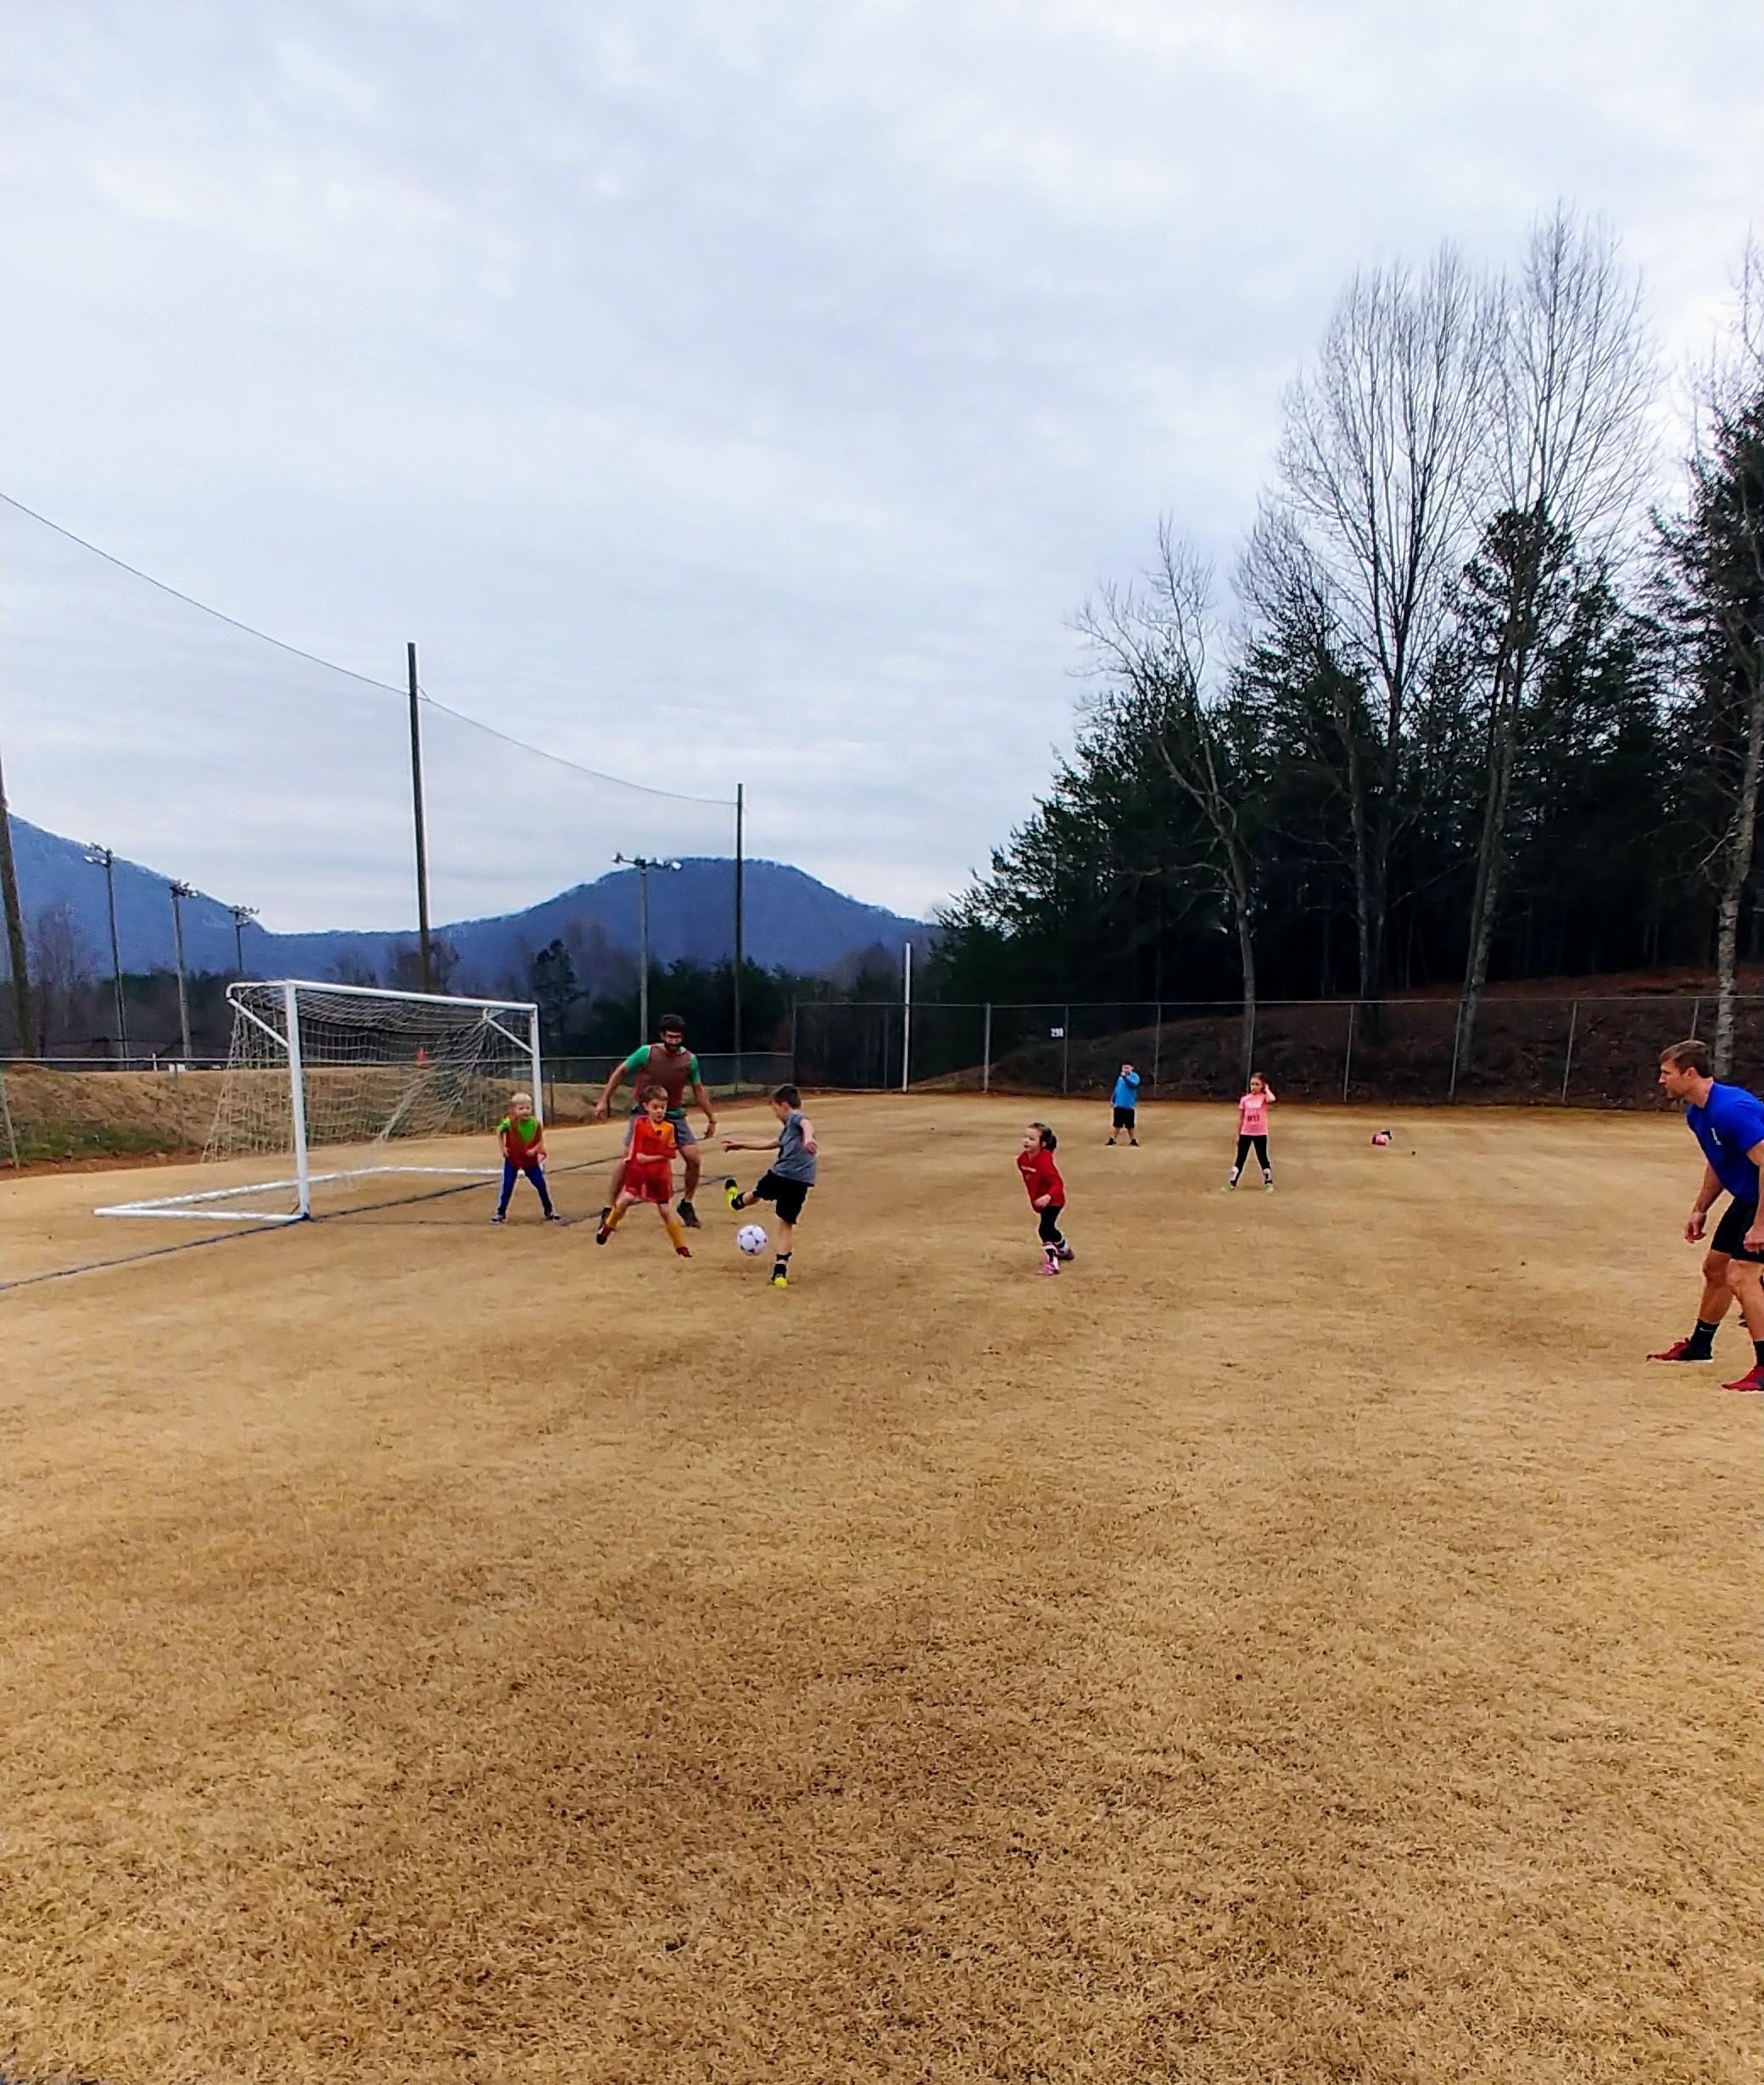 pop-up soccer game, goals for 2021